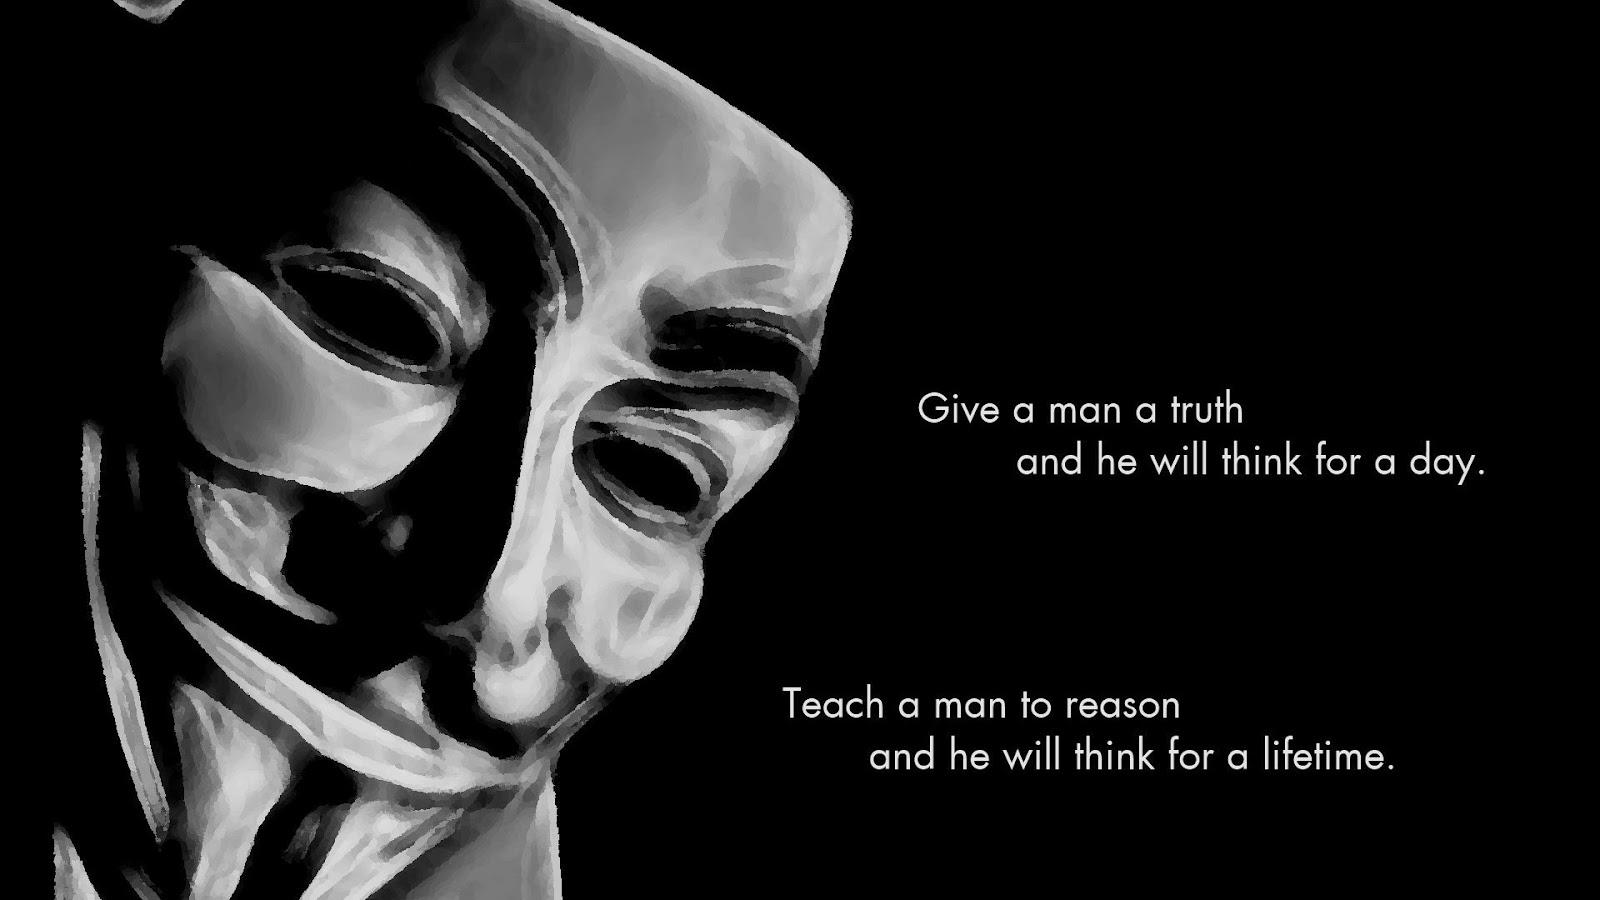 Khá là độc đáo và ấn tượng với bộ ảnh Anonymous này phải không ?. Chia sẻ cho bạn bè nếu bạn thấy thích thú nhé.